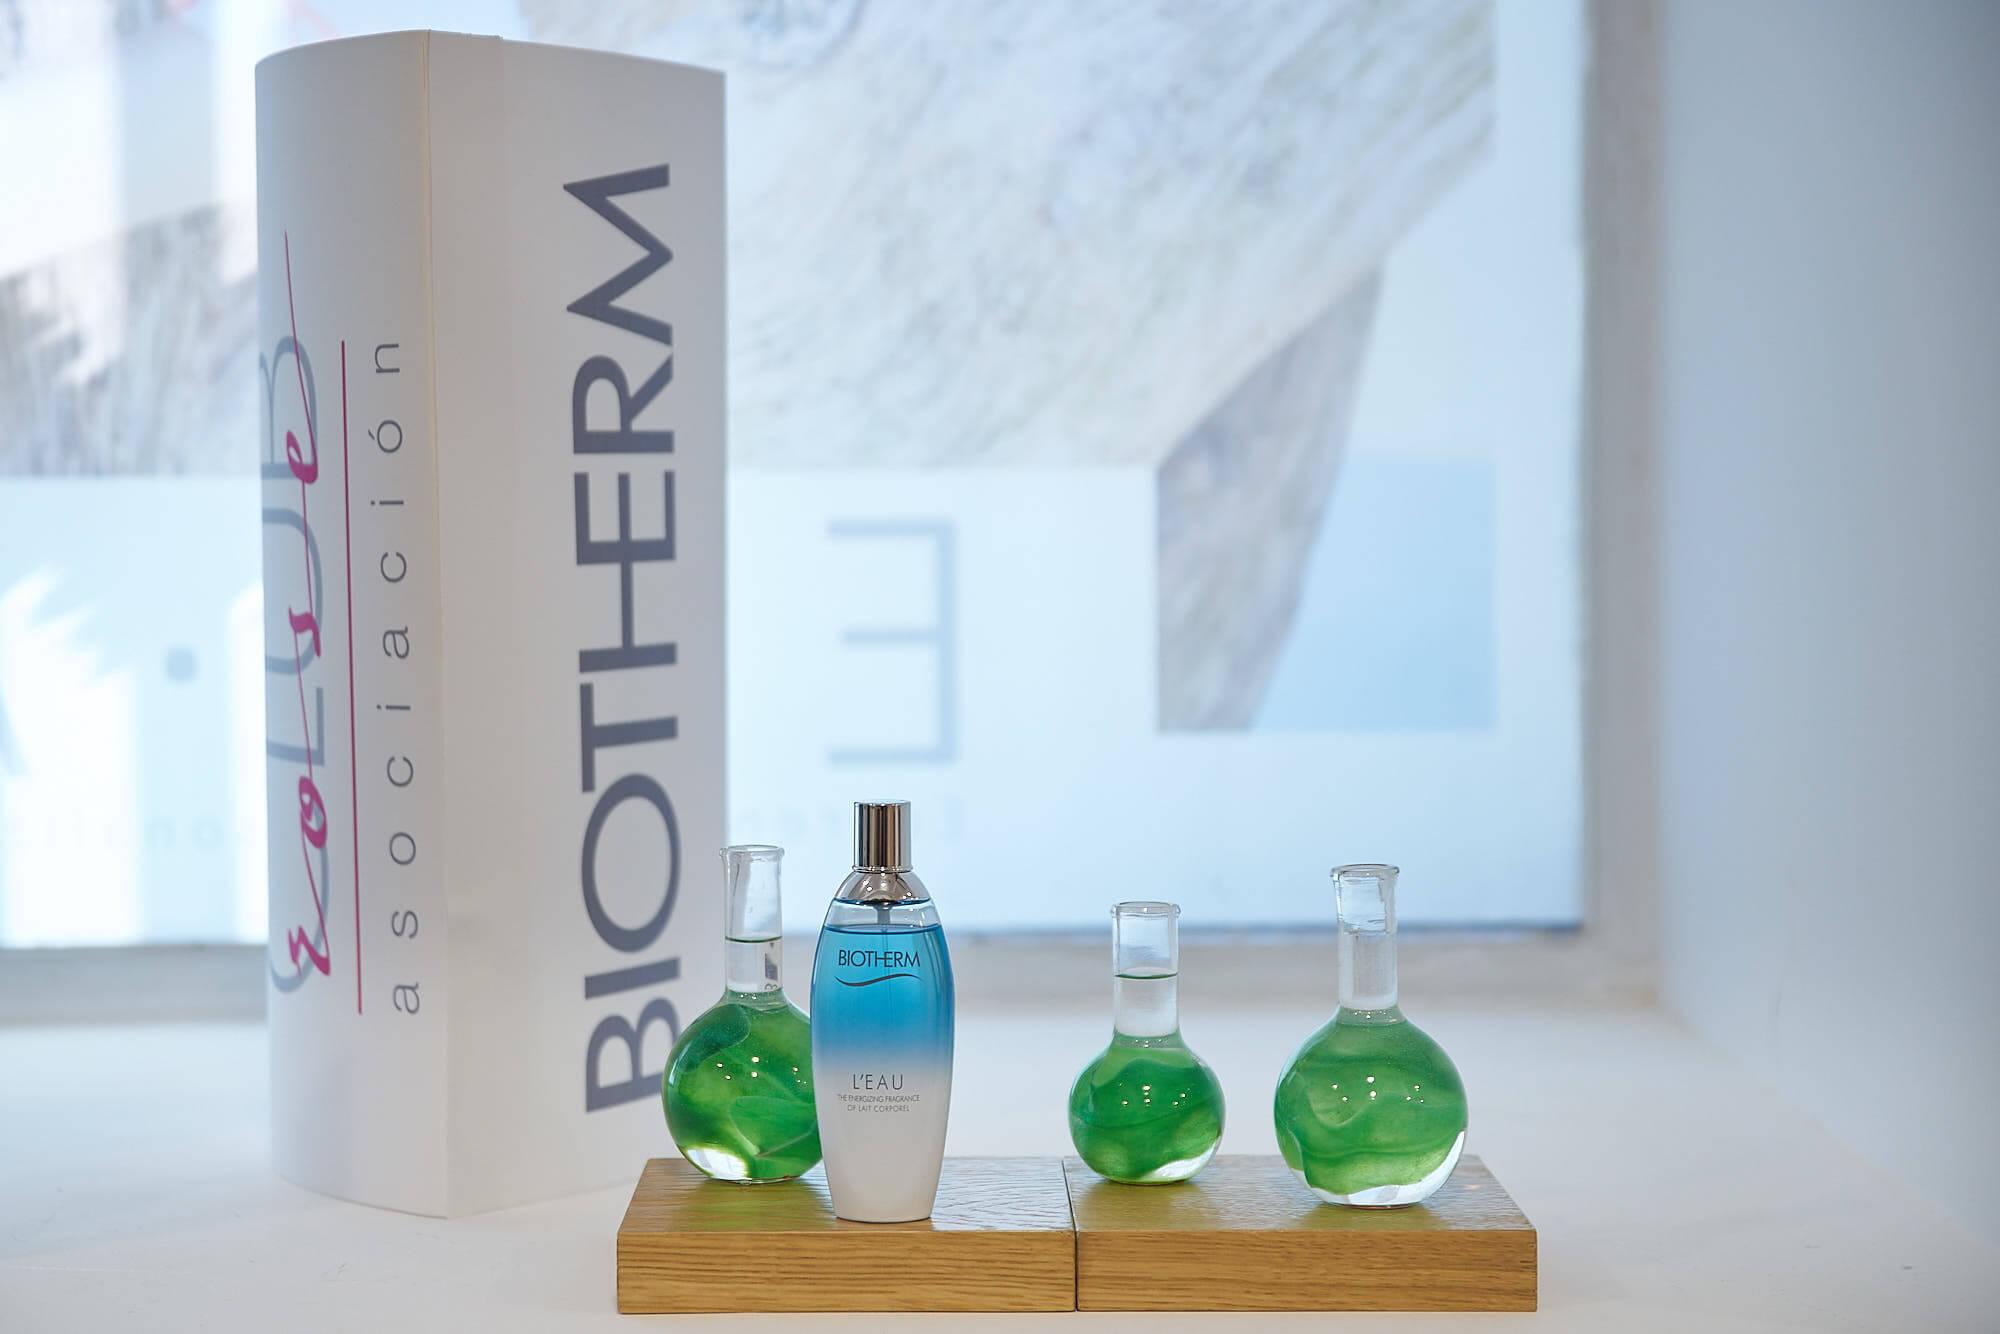 L'Eau de Biotherm, spray perfumado que da energía al cuerpo